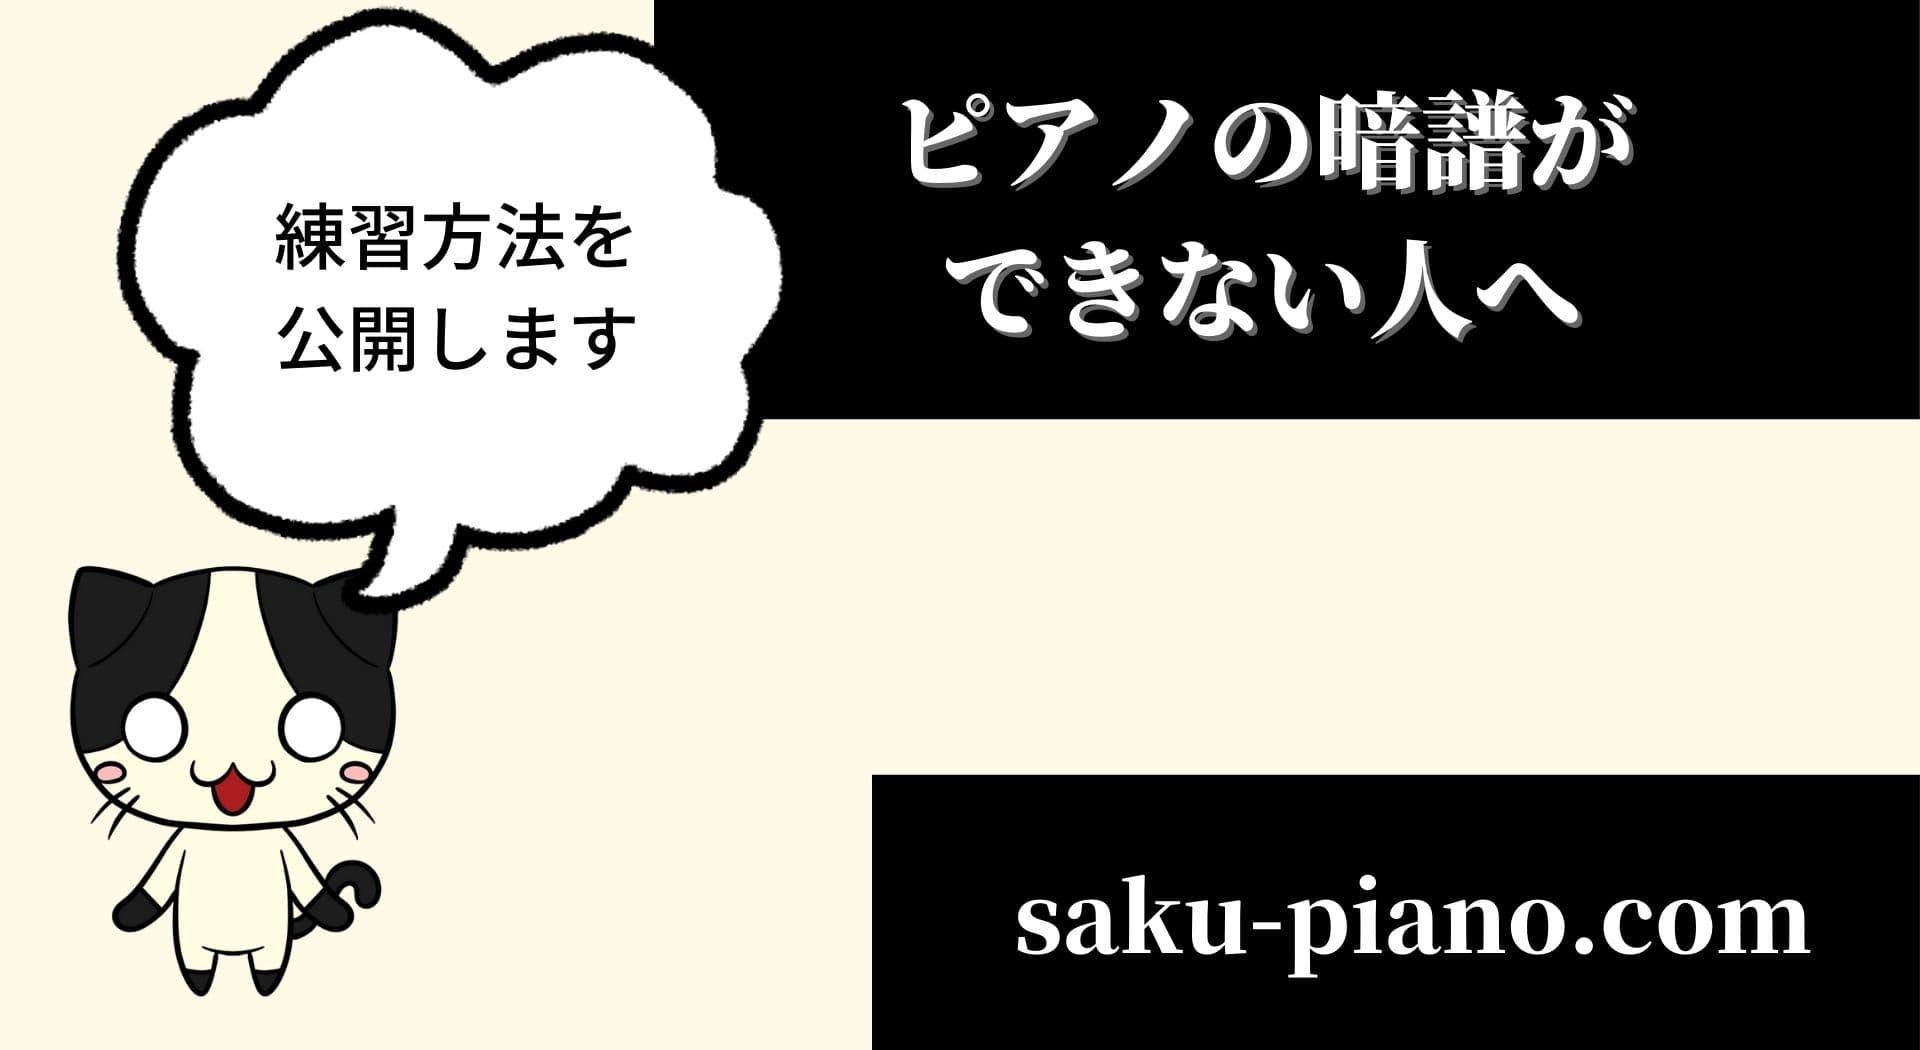 「ピアノの暗譜ができないときの対処法とは?【五感を使おう】」のアイキャッチ画像